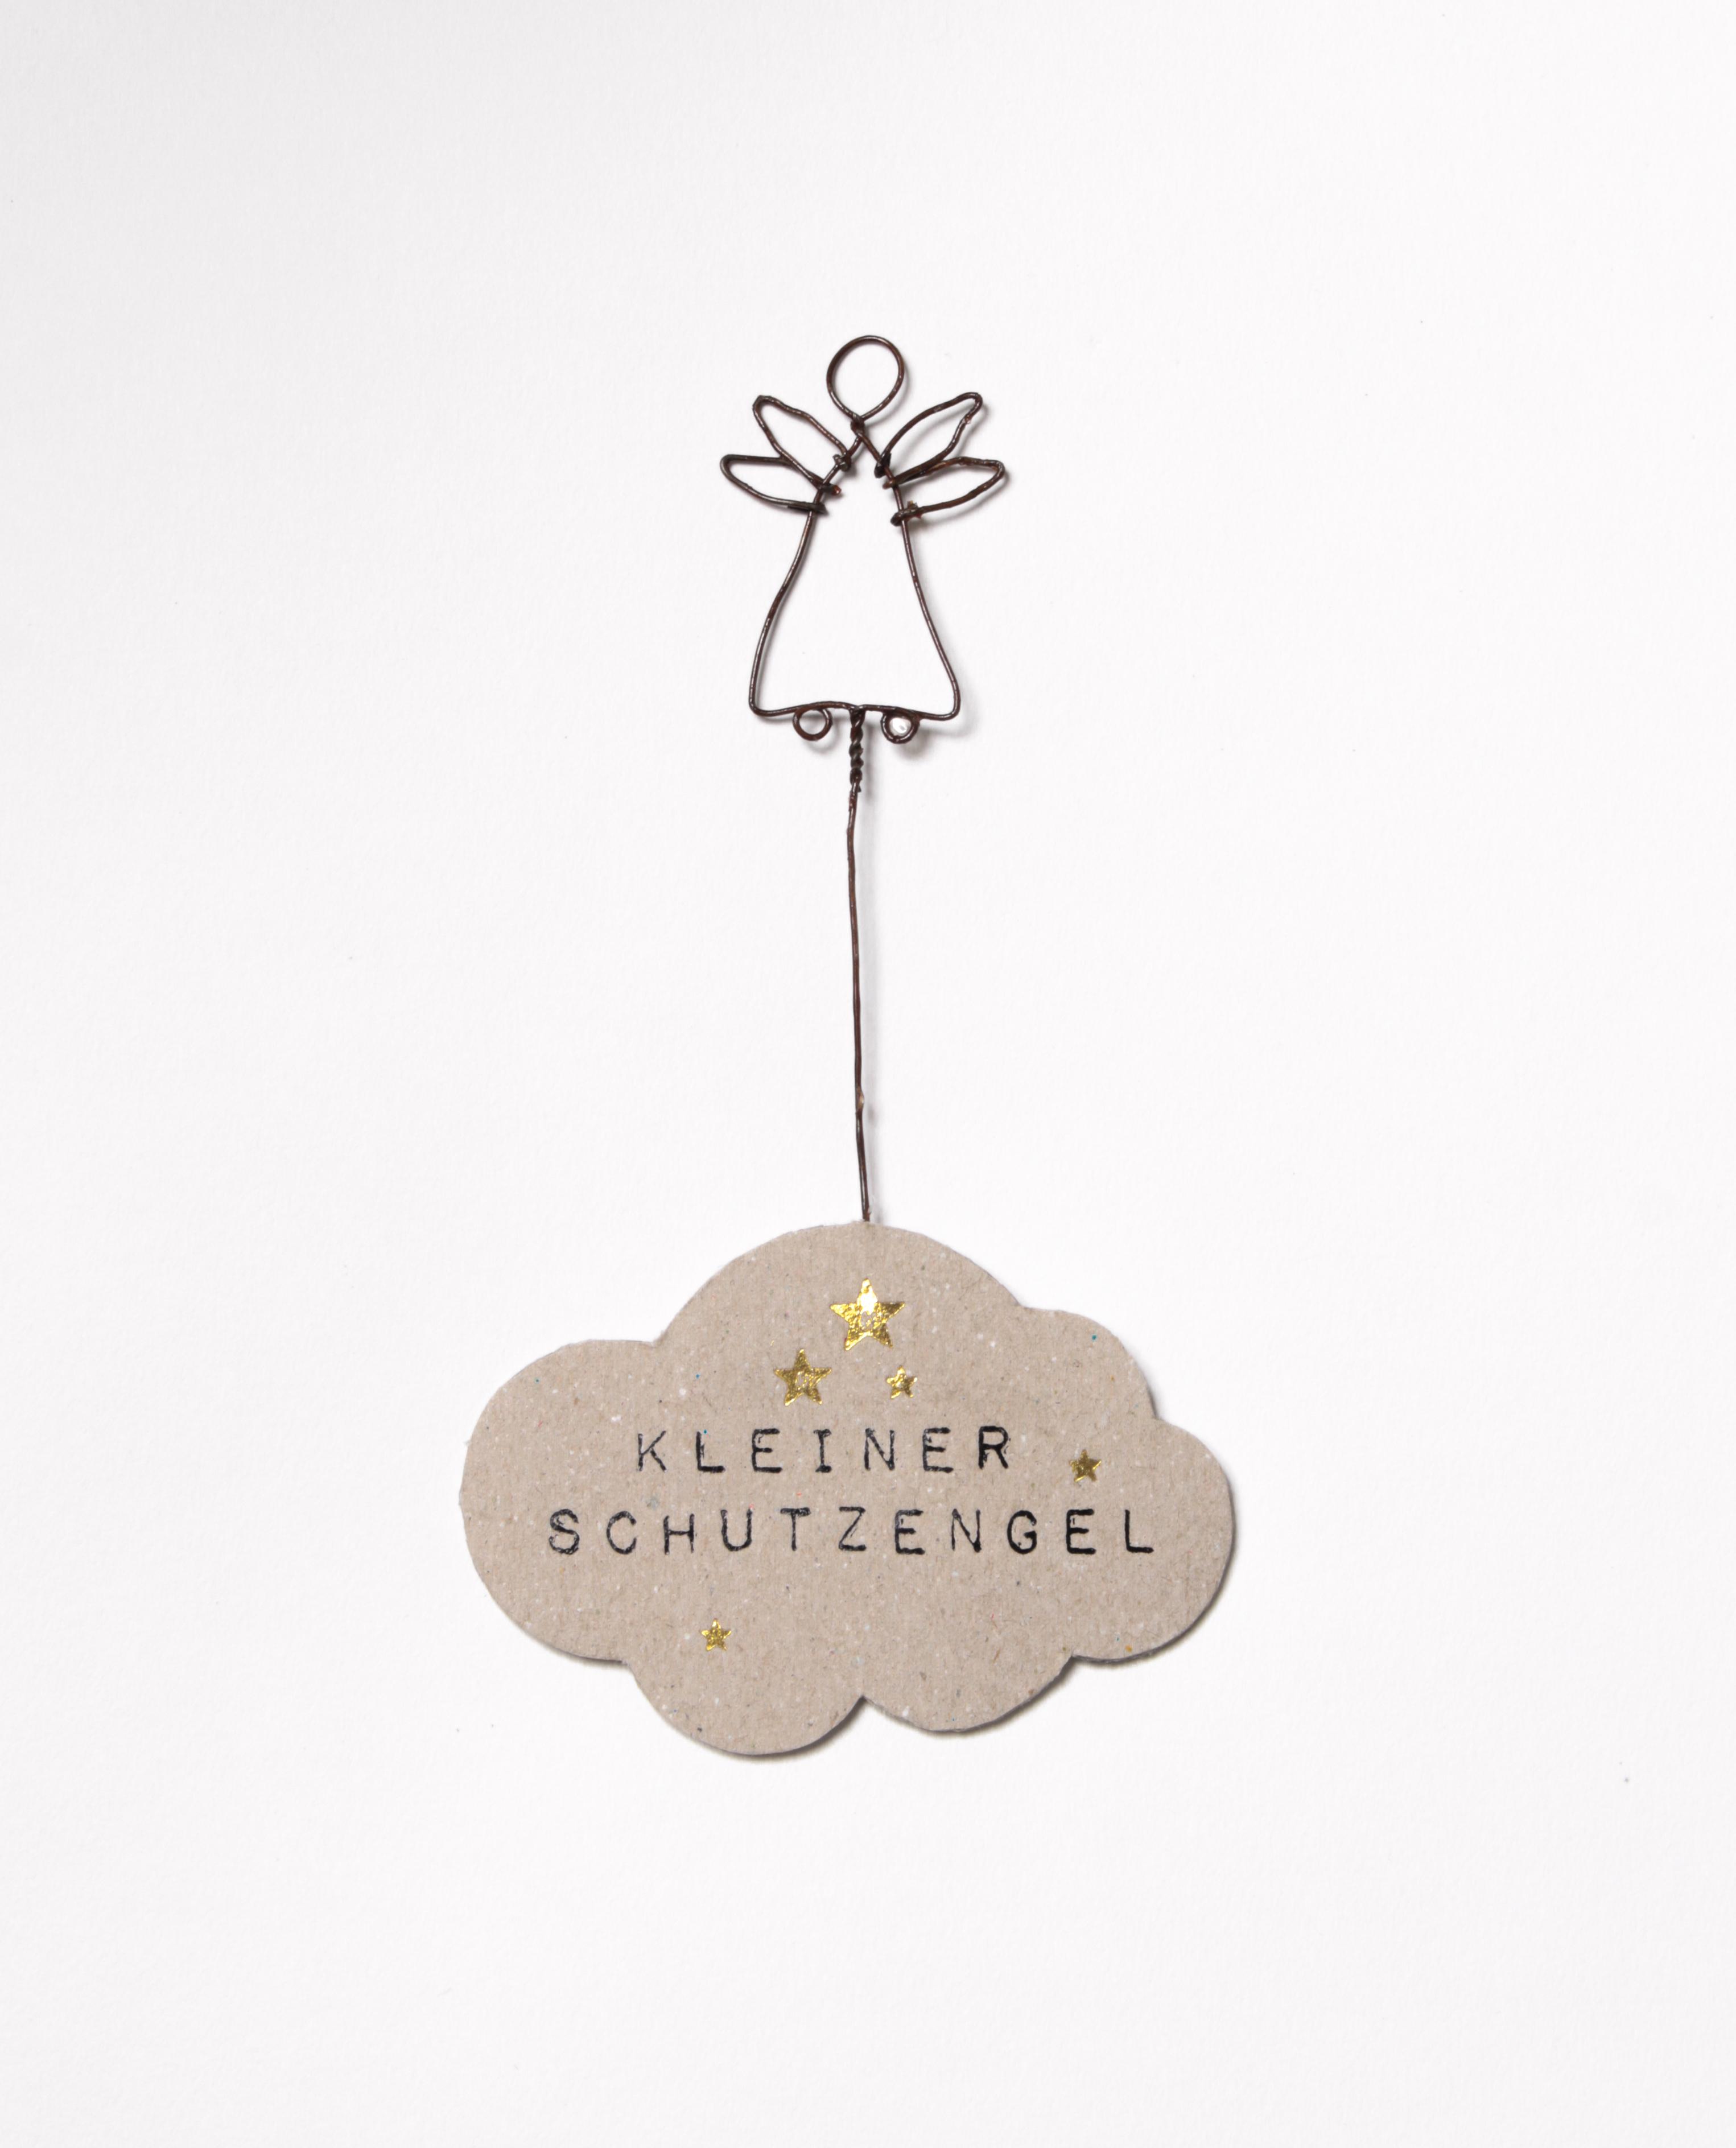 Grußzeichen - Kleiner Schutzengel - Good old friends